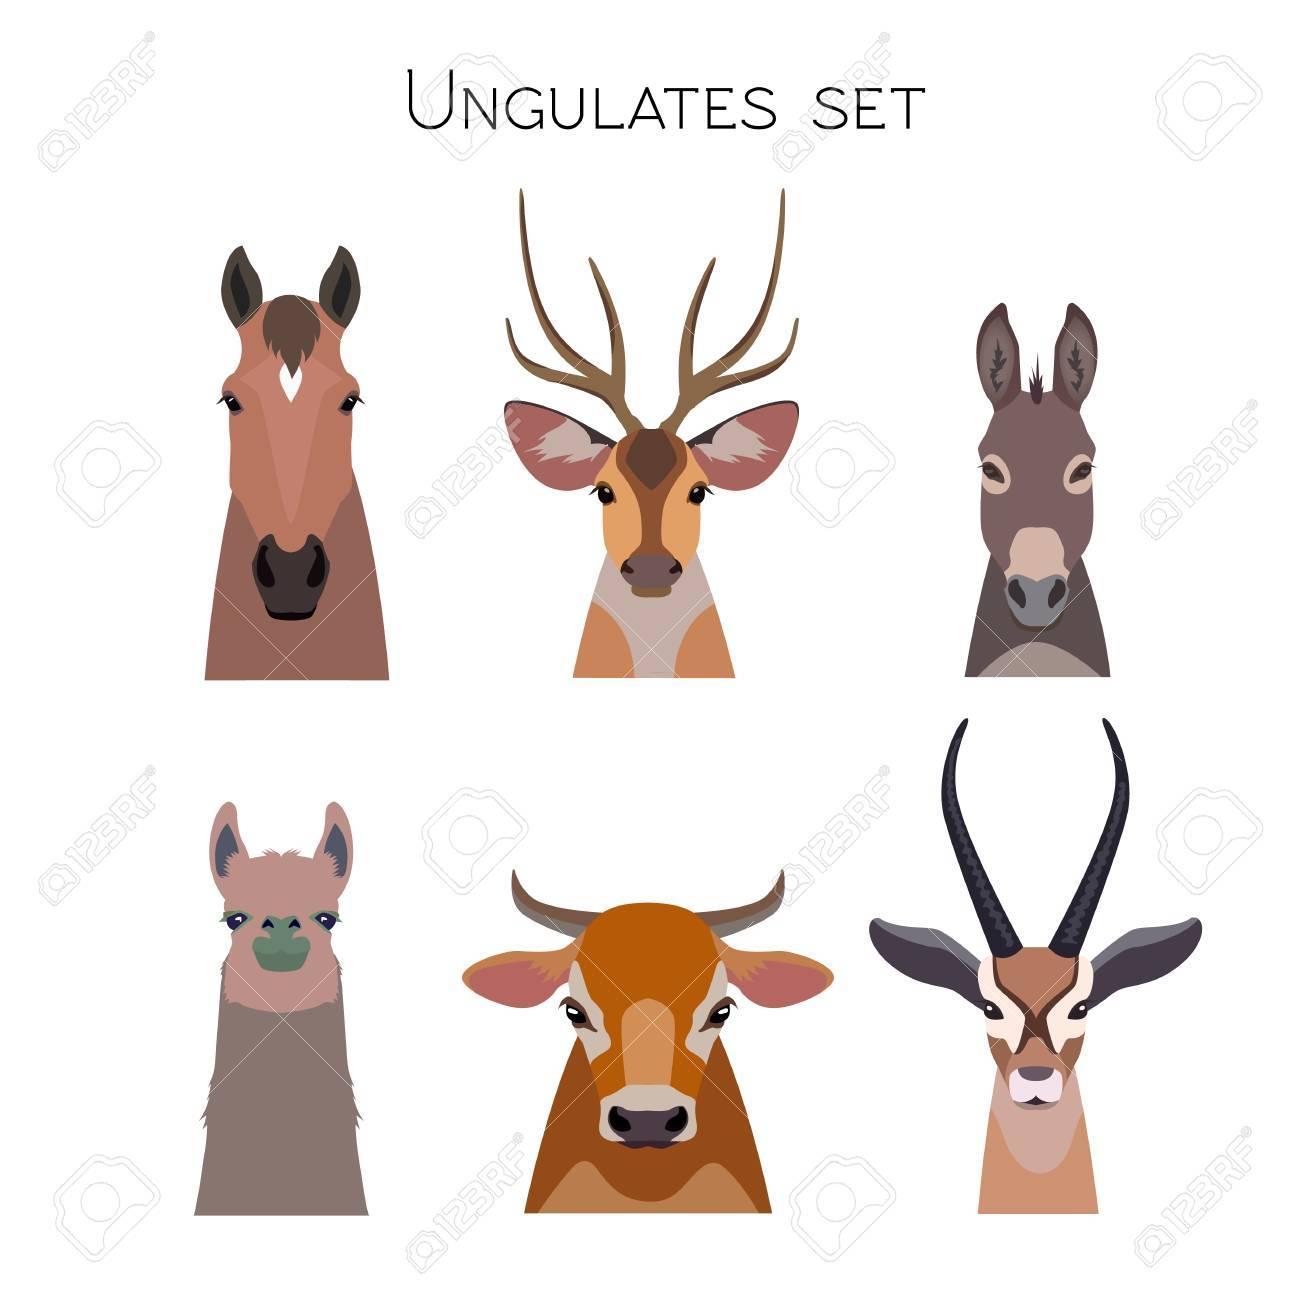 ばらばらベクトル有蹄類では、動物セット有蹄類。・ ラマ鹿、カモシカ